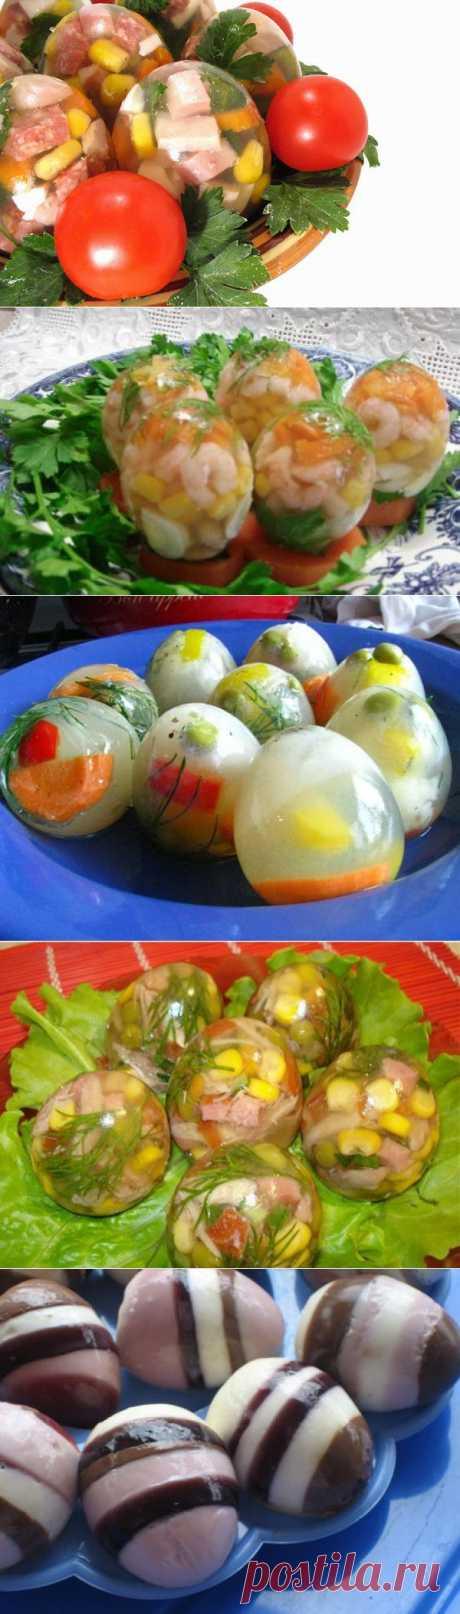 Пасхальные рецепты: ТОП-5 заливных яиц | ПолонСил.ру - социальная сеть здоровья